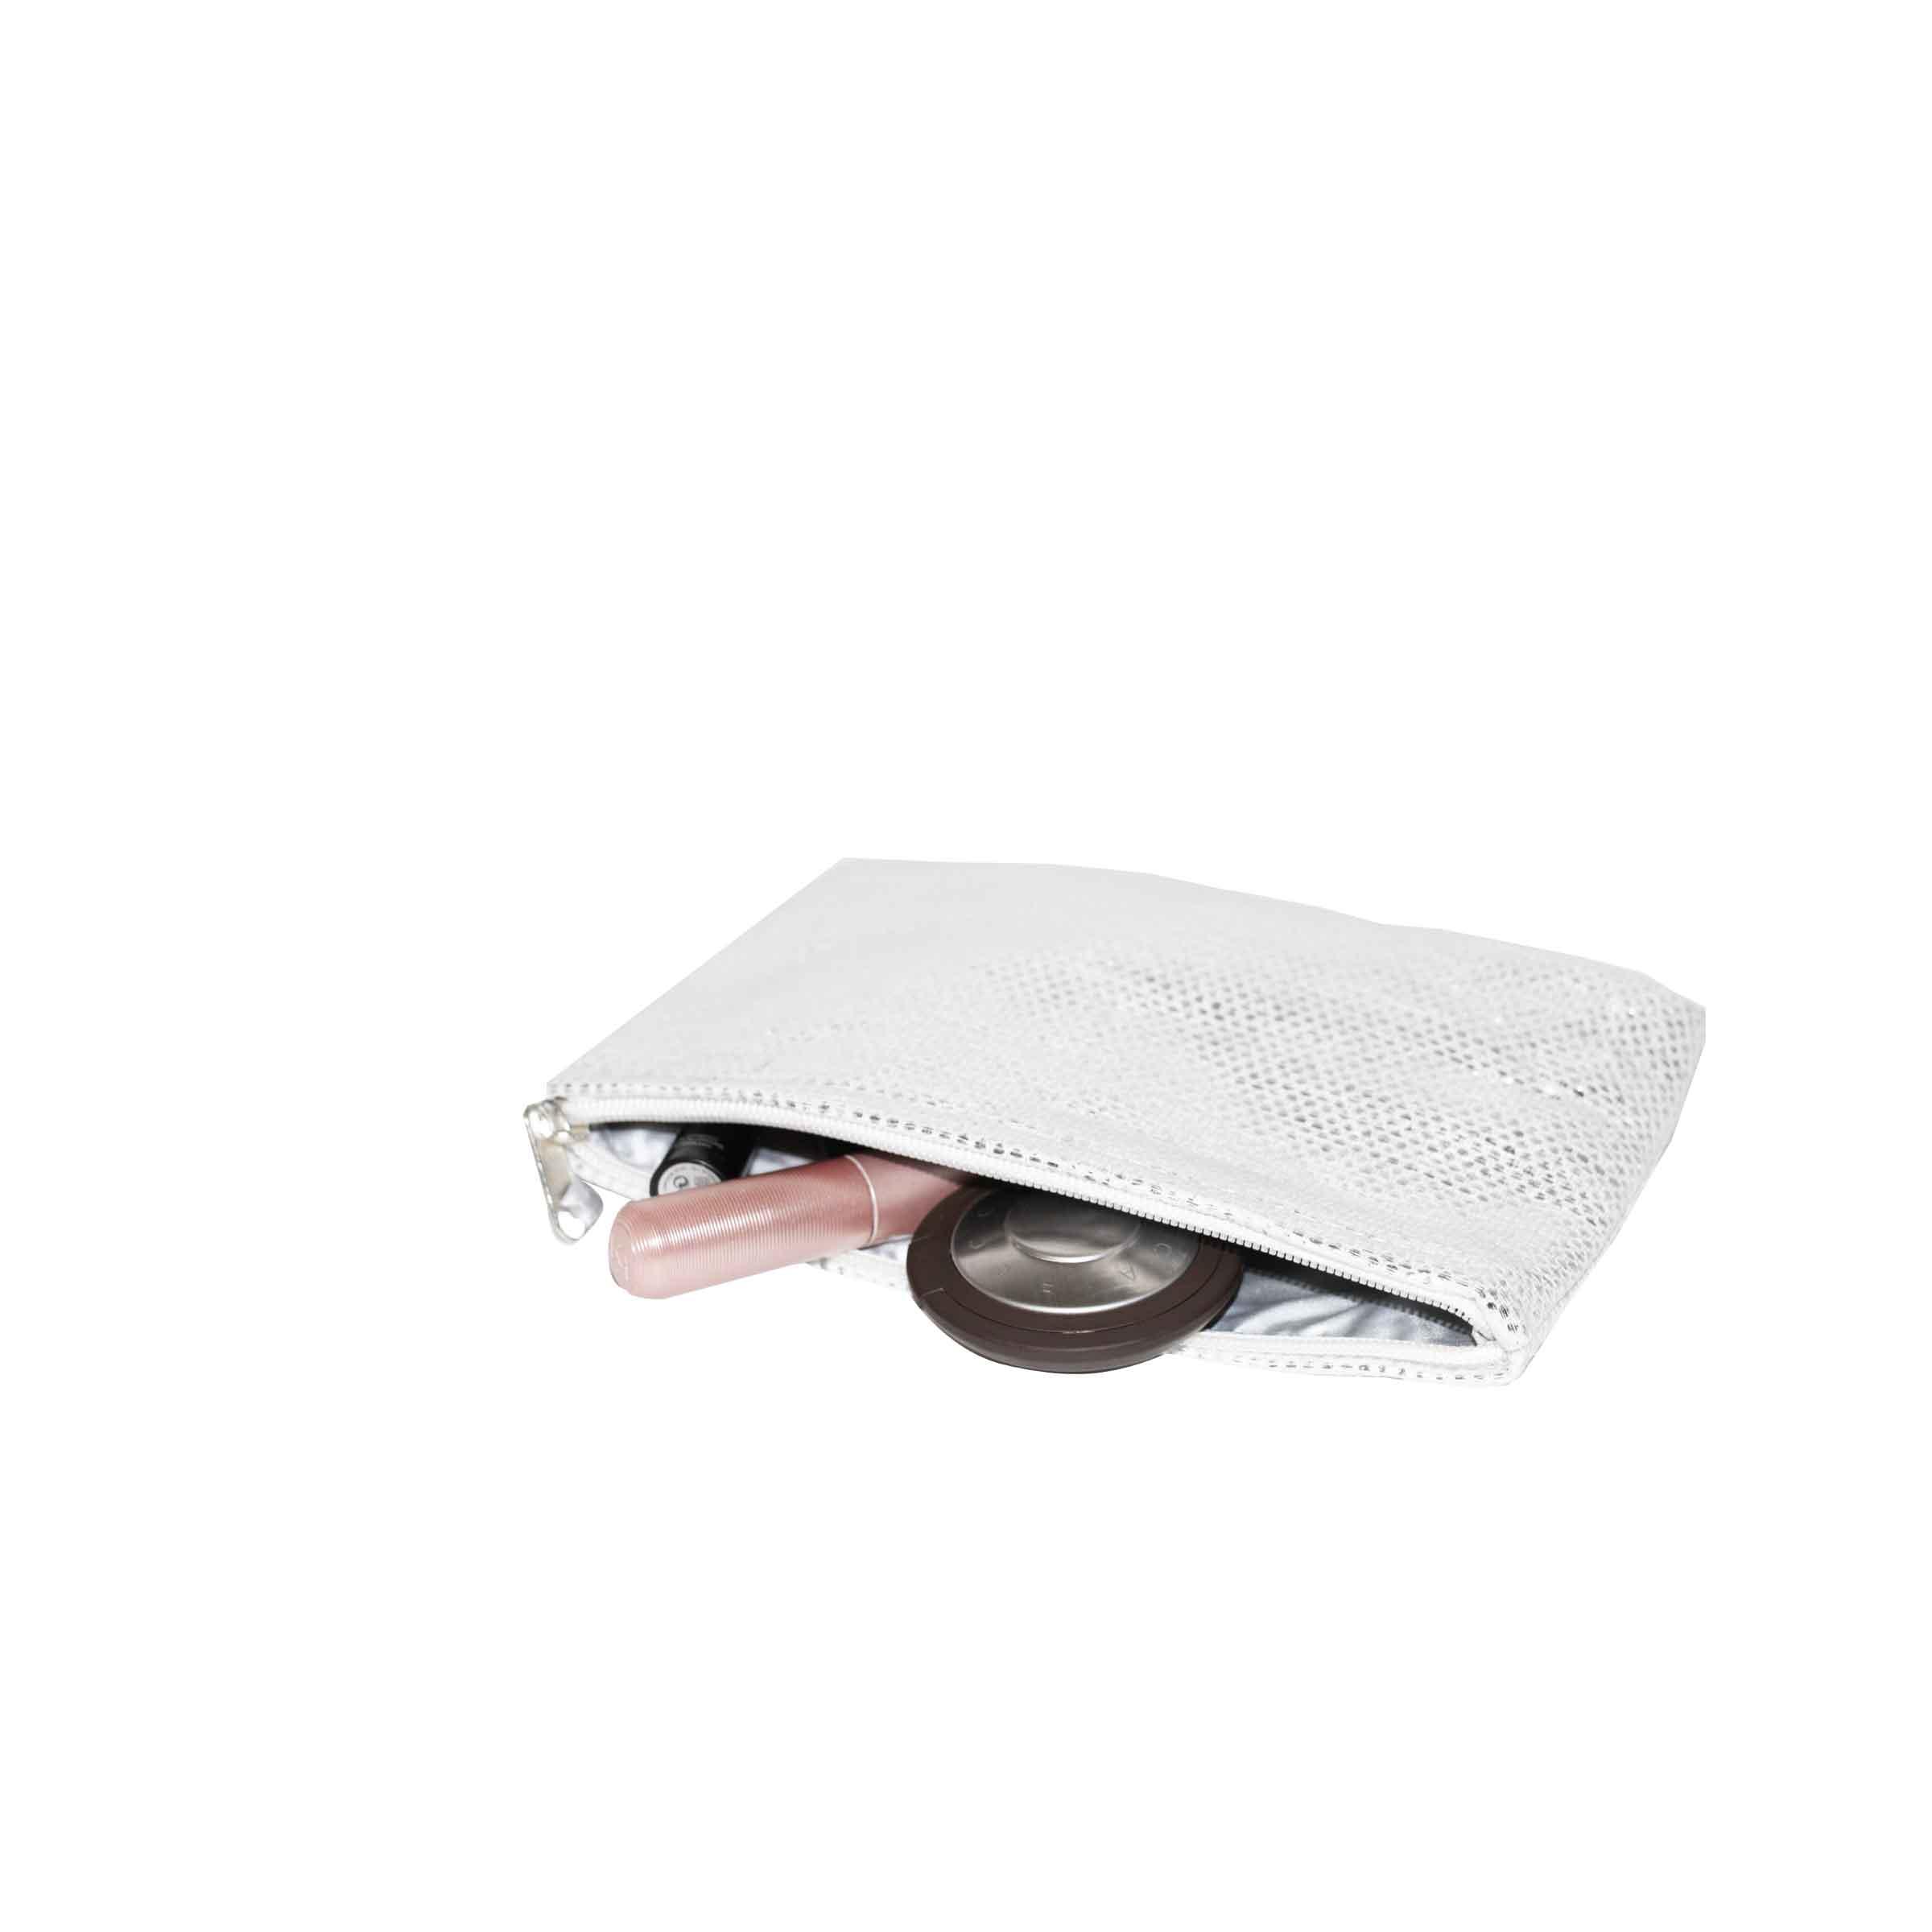 pochette argentée plate rectangulaire en tissu souple avec fermeture éclair